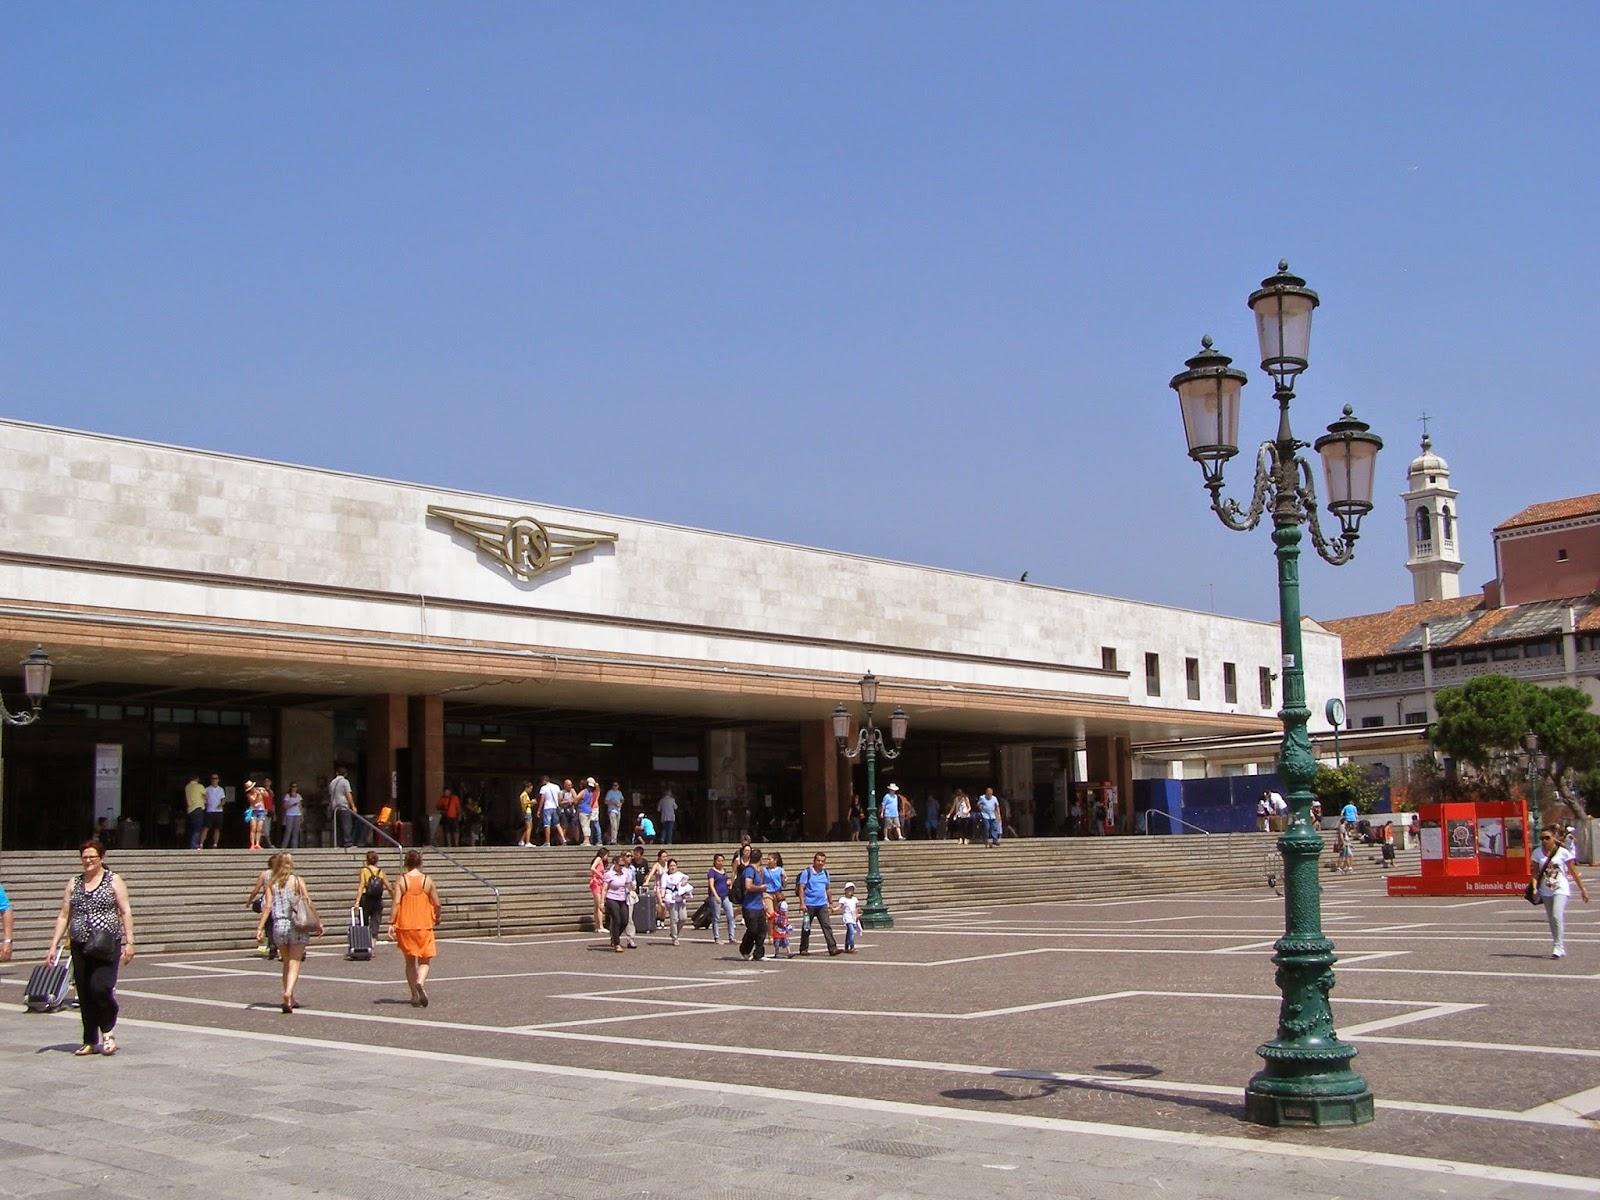 dworzec kolejowy Santa Lucia